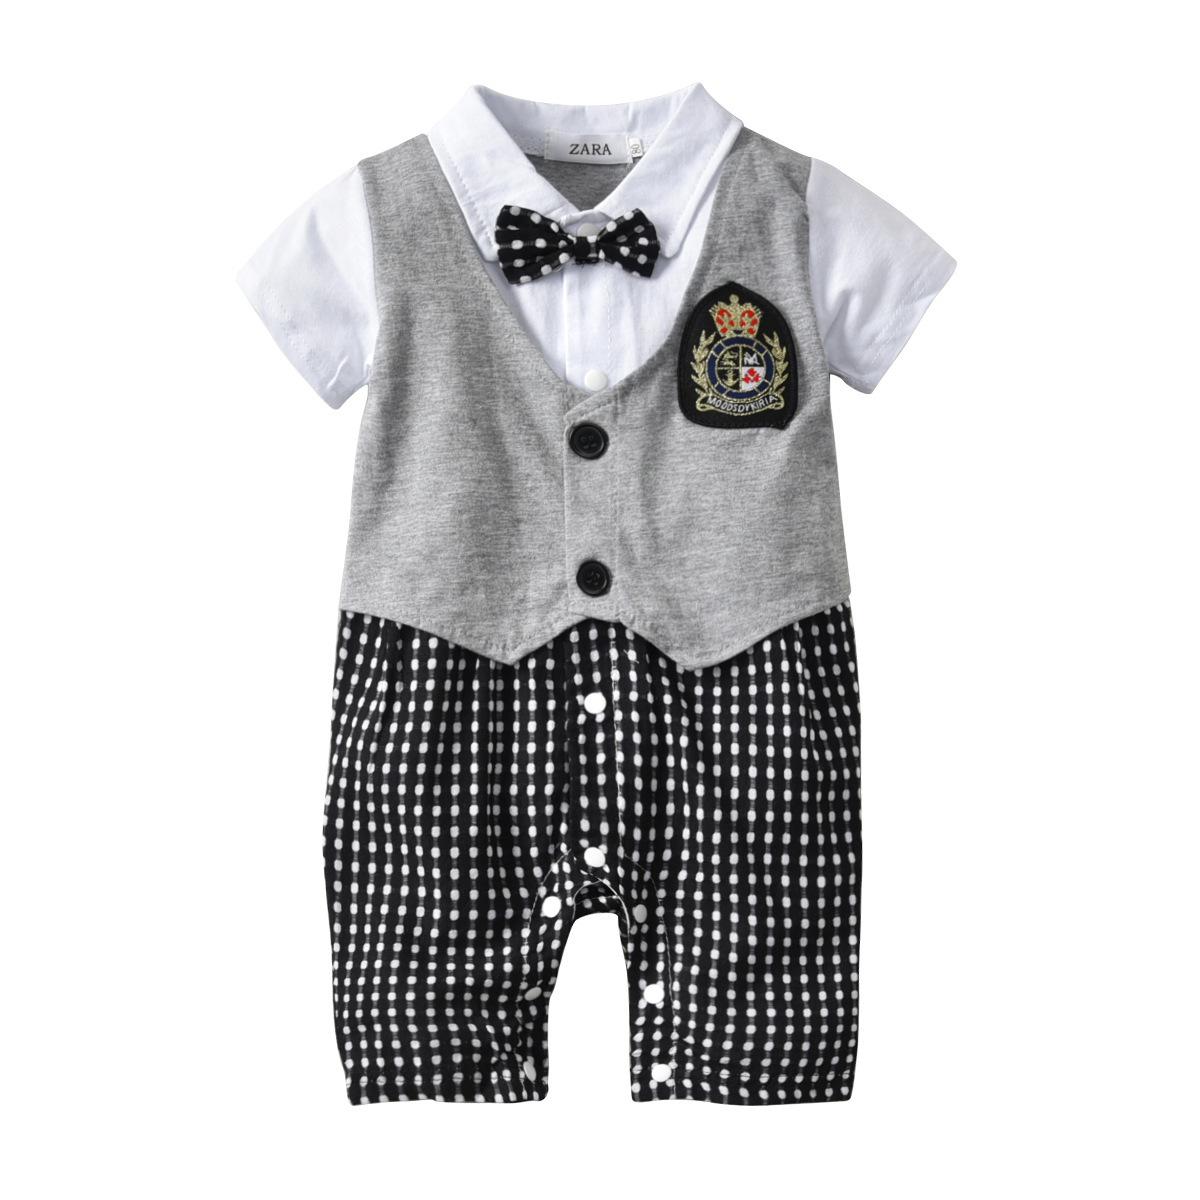 großhandel baby fake kleidung gunstig online von